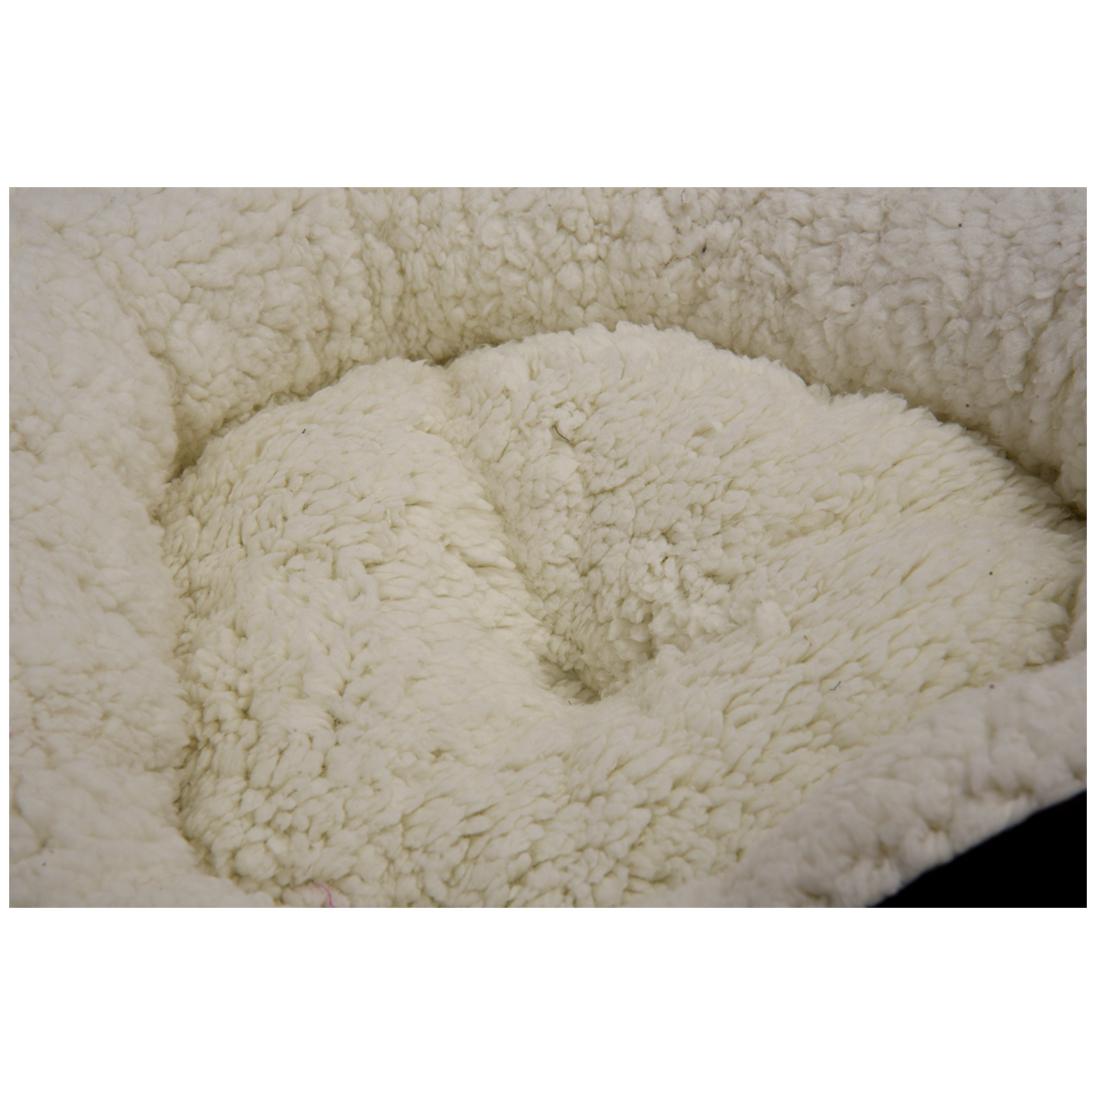 hund katze haustier betten und weiche warme bett sofa kissen auflage matte de ebay. Black Bedroom Furniture Sets. Home Design Ideas